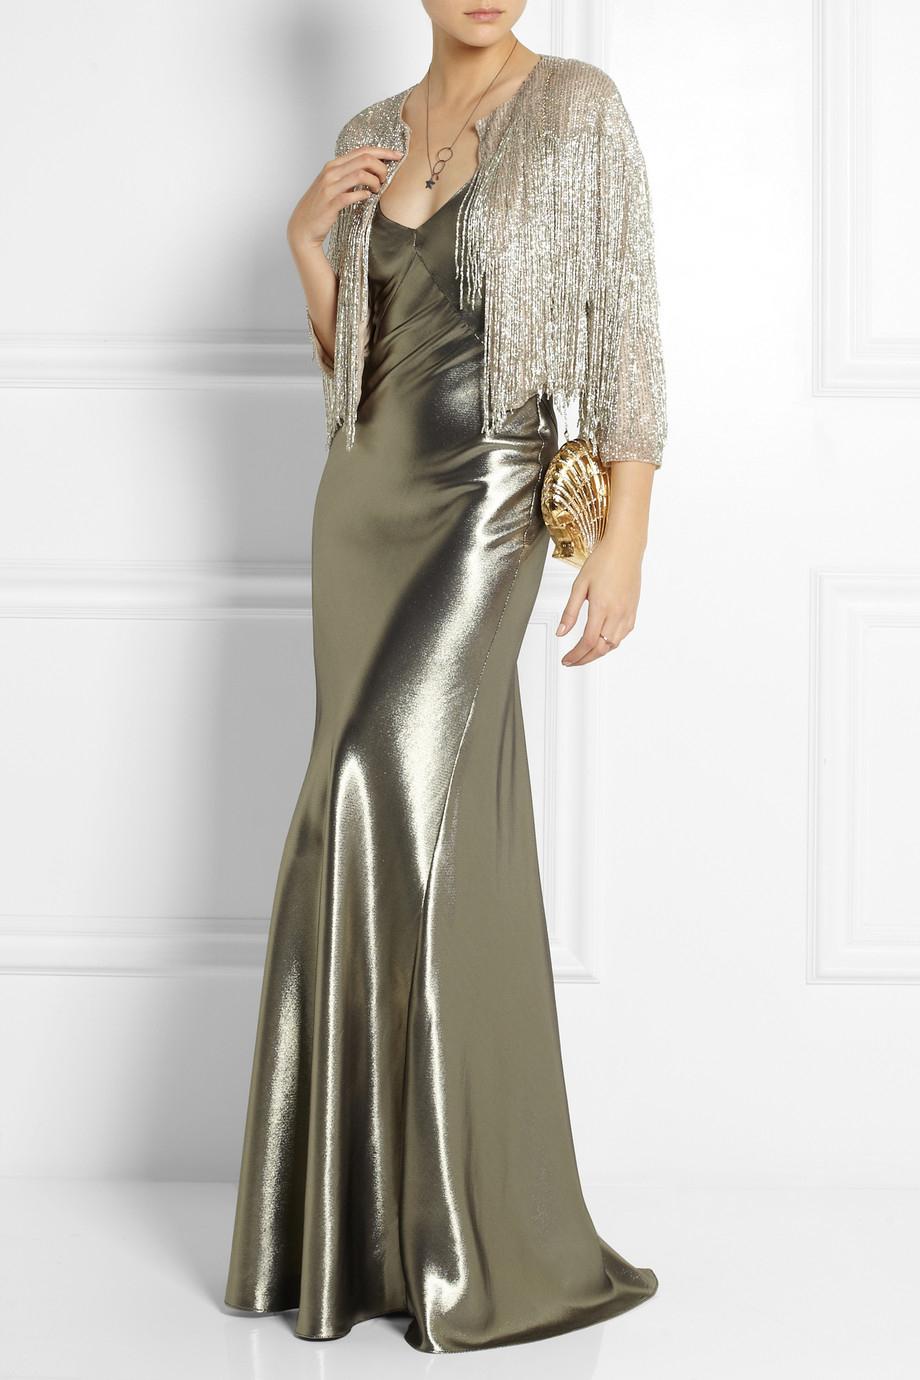 Topshop Fluted Silk-Blend Lamé Maxi Dress in Metallic